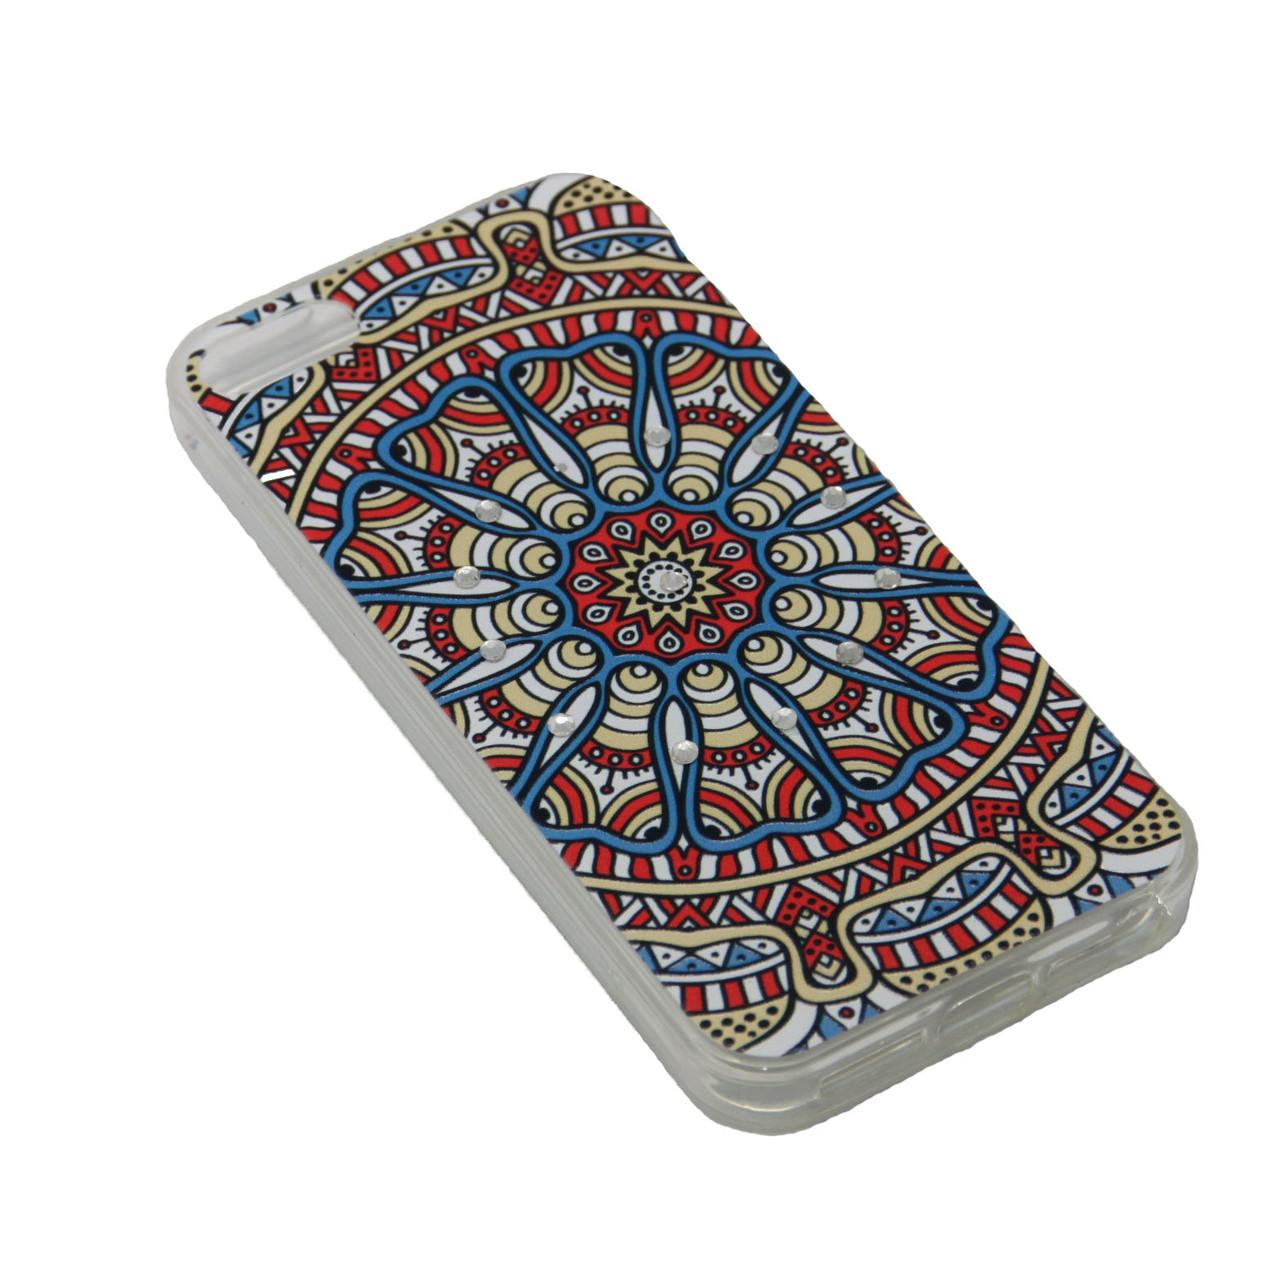 Чехол Fashion Силикон Стразы iPhone 7 Plus - фото 10